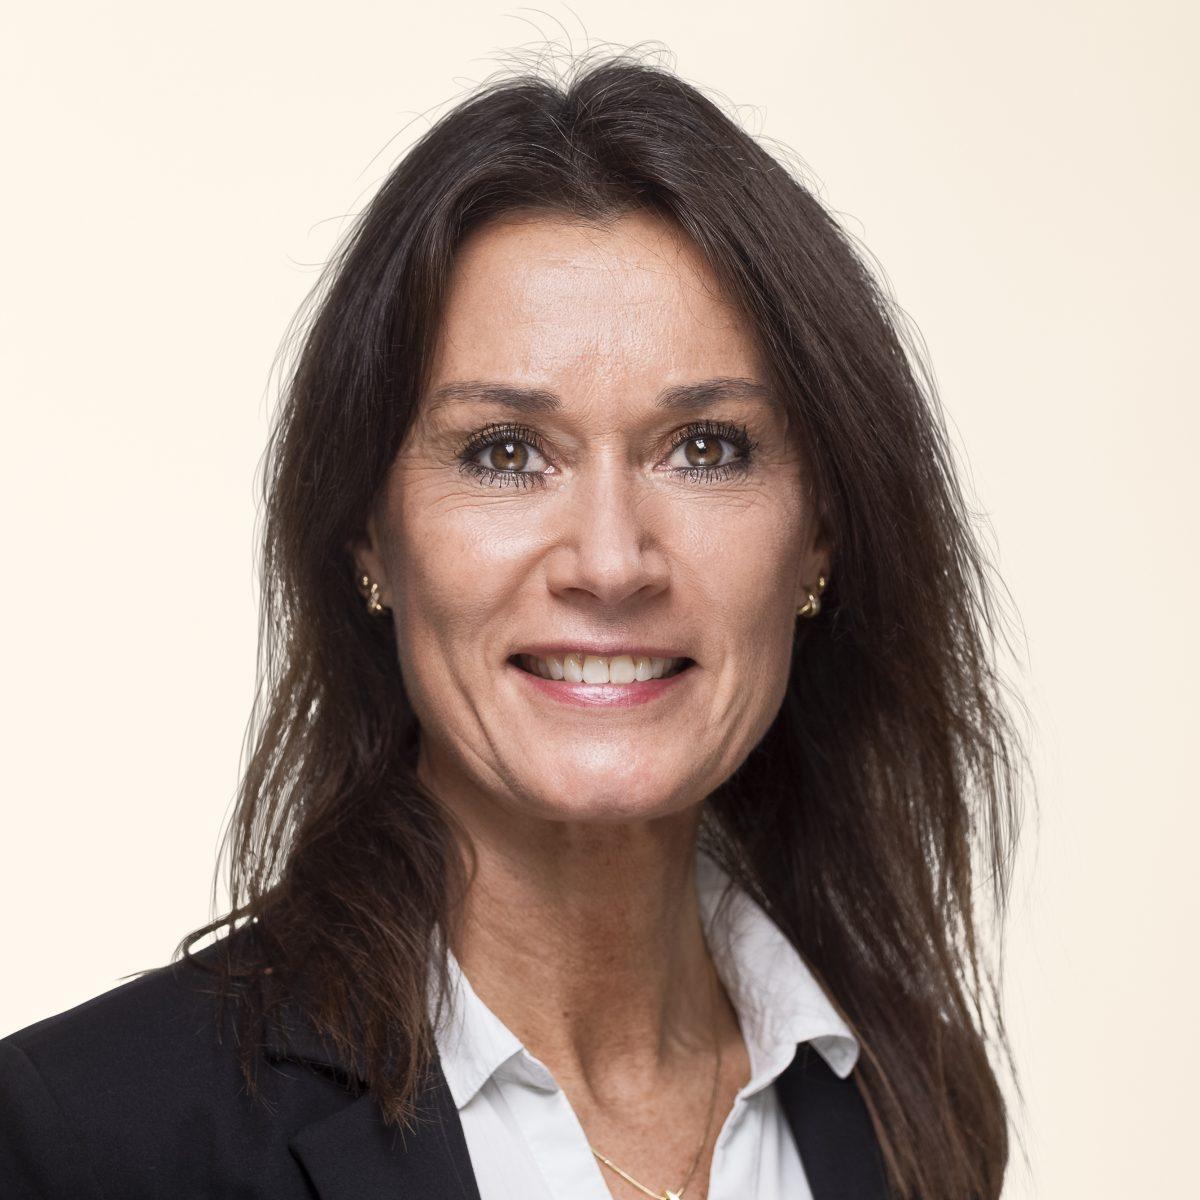 DAGENS POLITIKER: Børneordfører Brigitte Klintskov Jerkel (C)